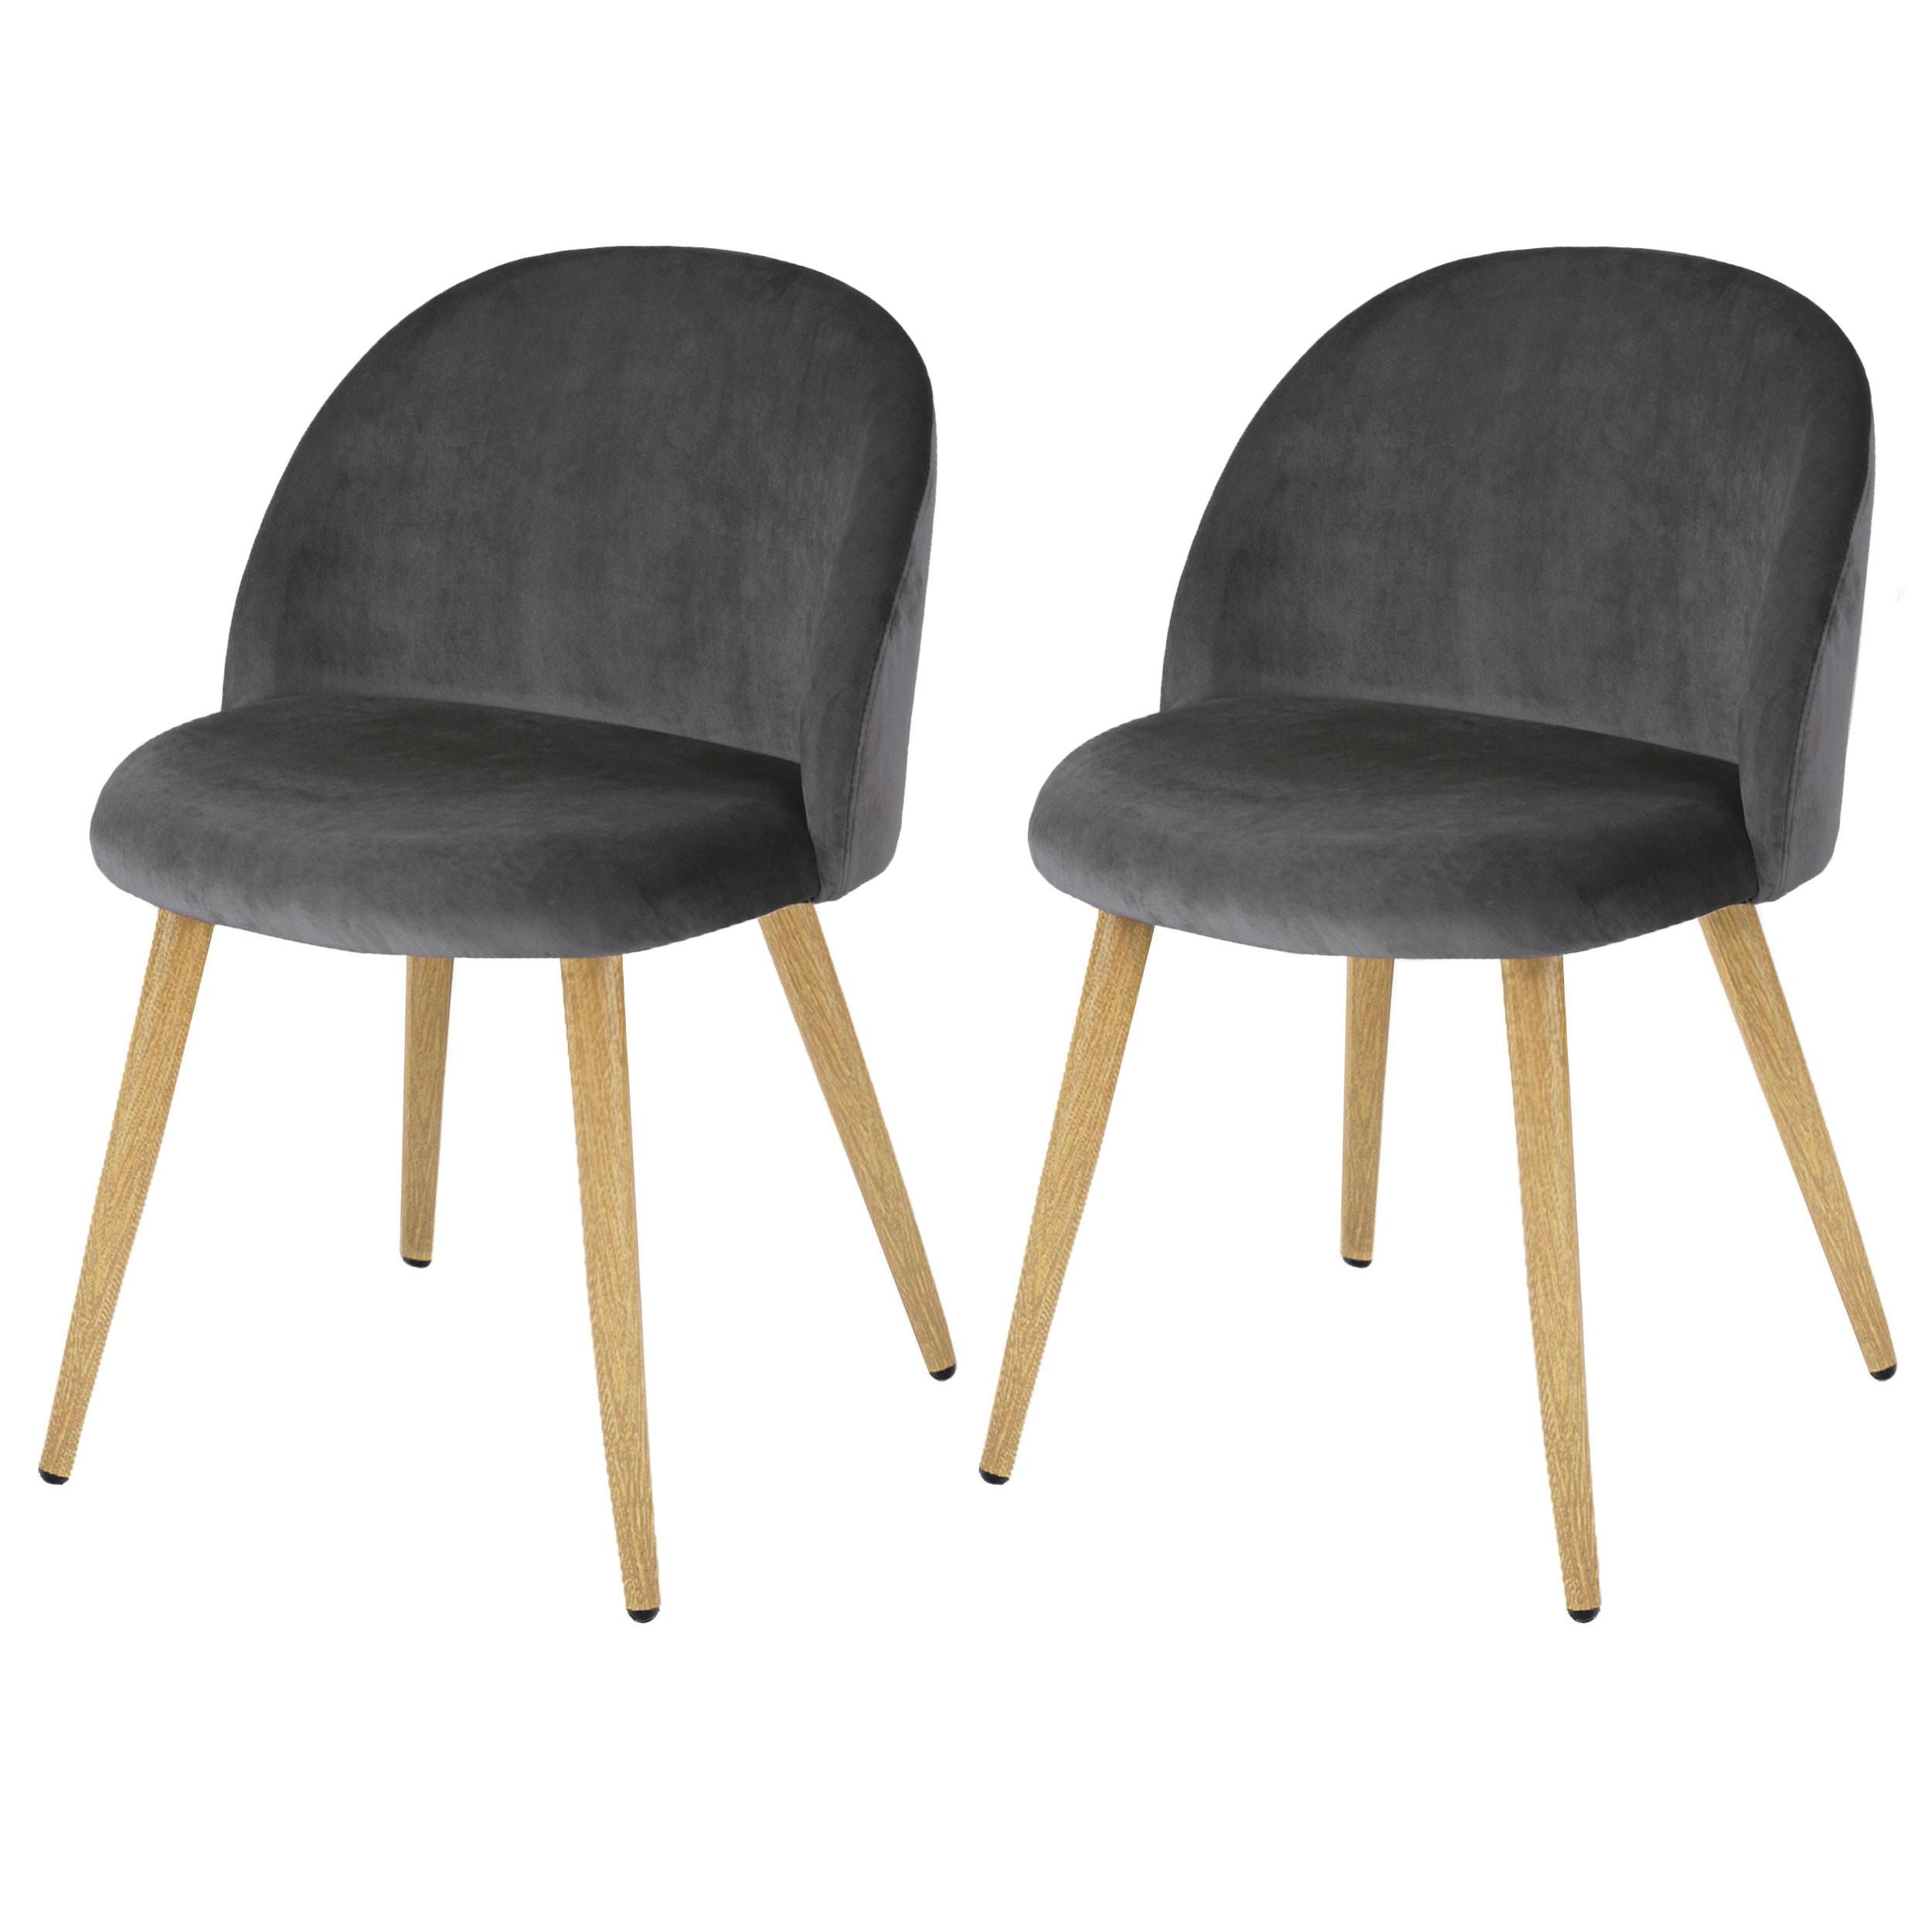 acheter chaise en velours grise lot de 2